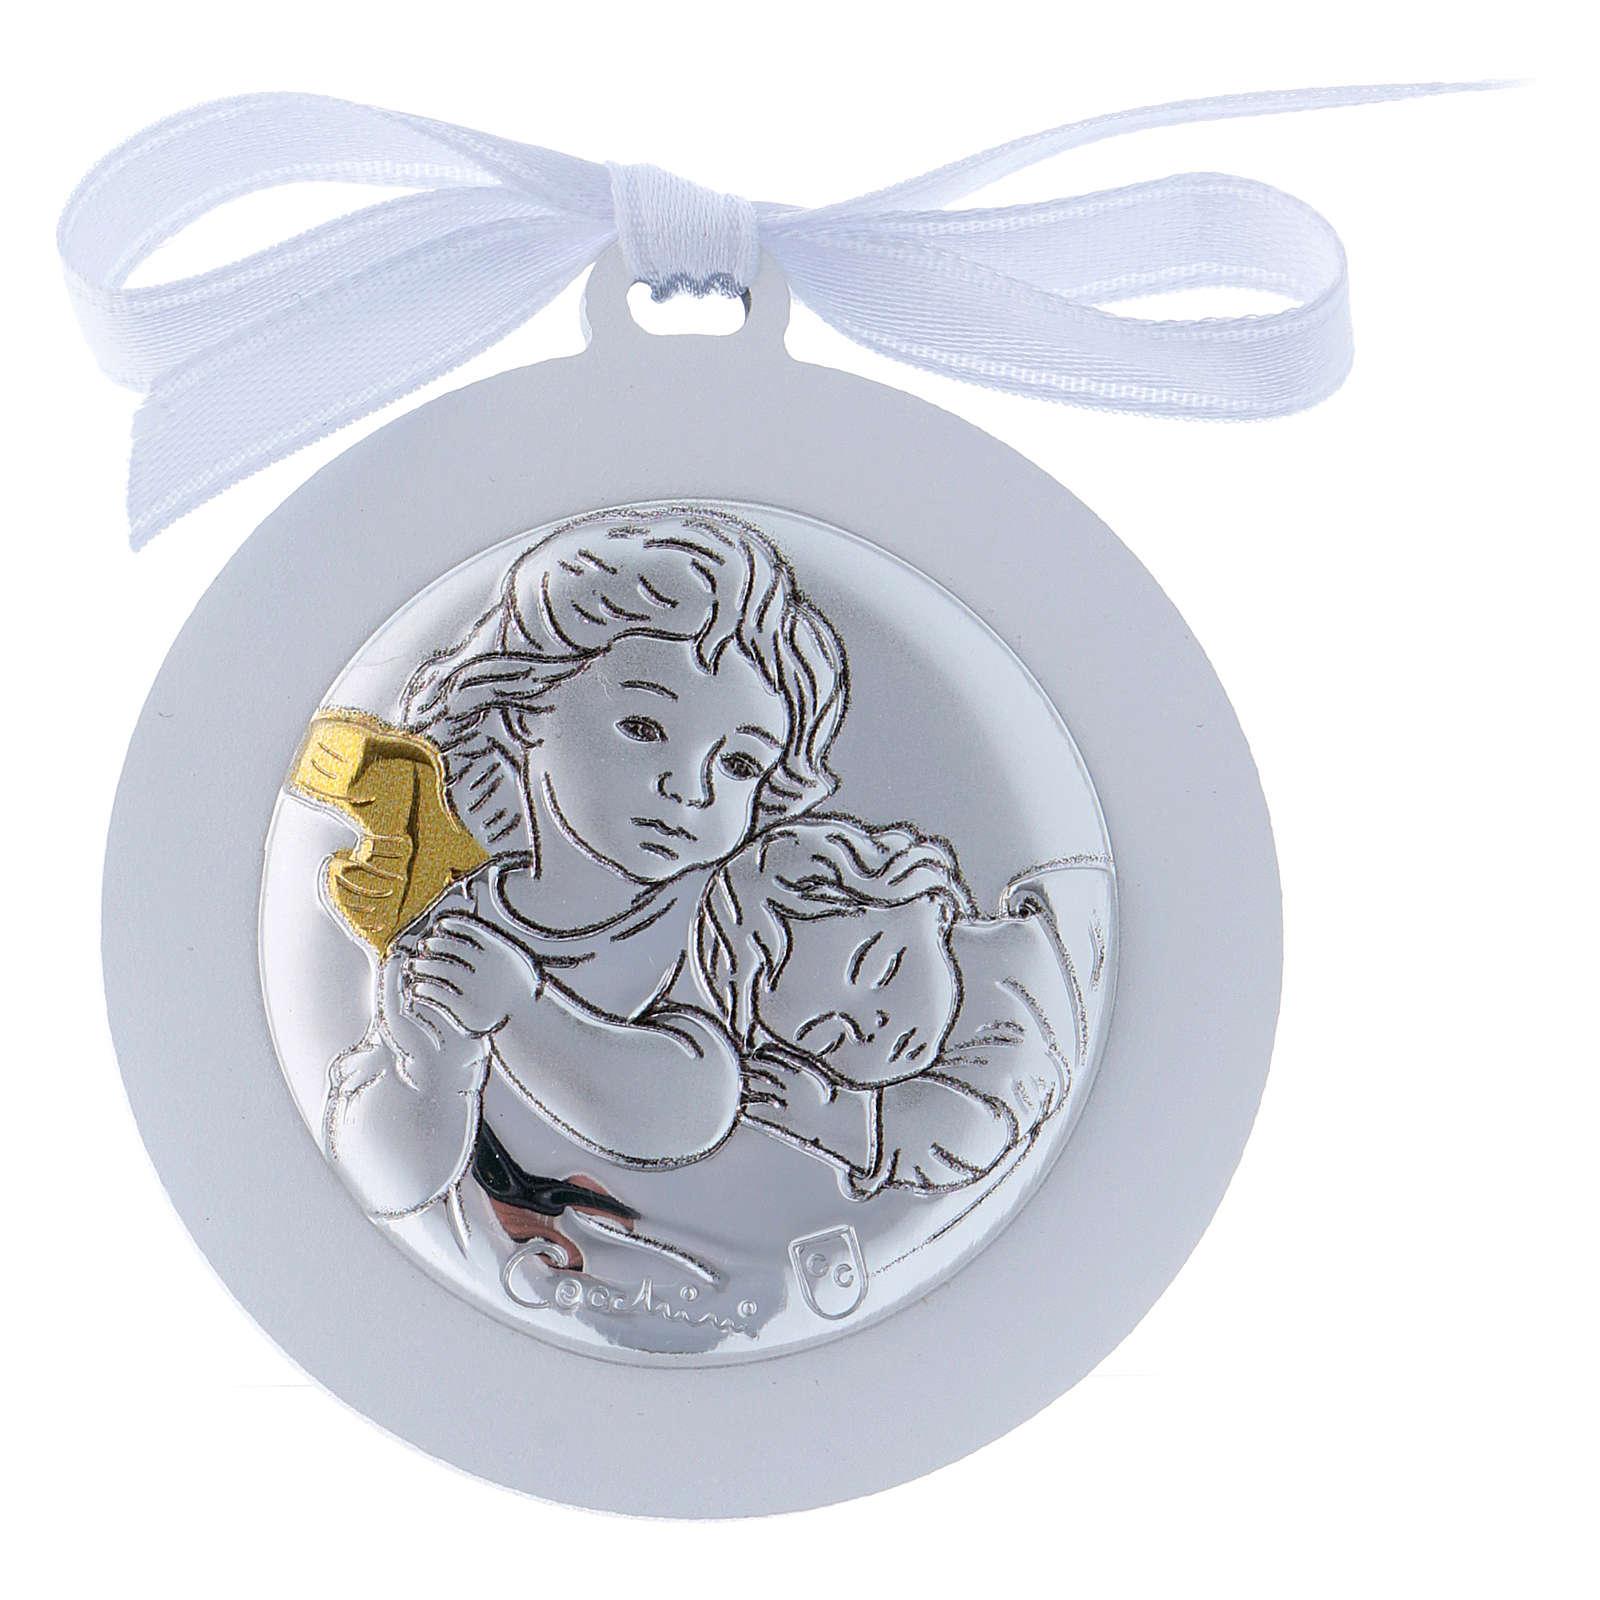 Sopraculla Angeli in bilaminato nastro bianco finiture oro 4 cm 4